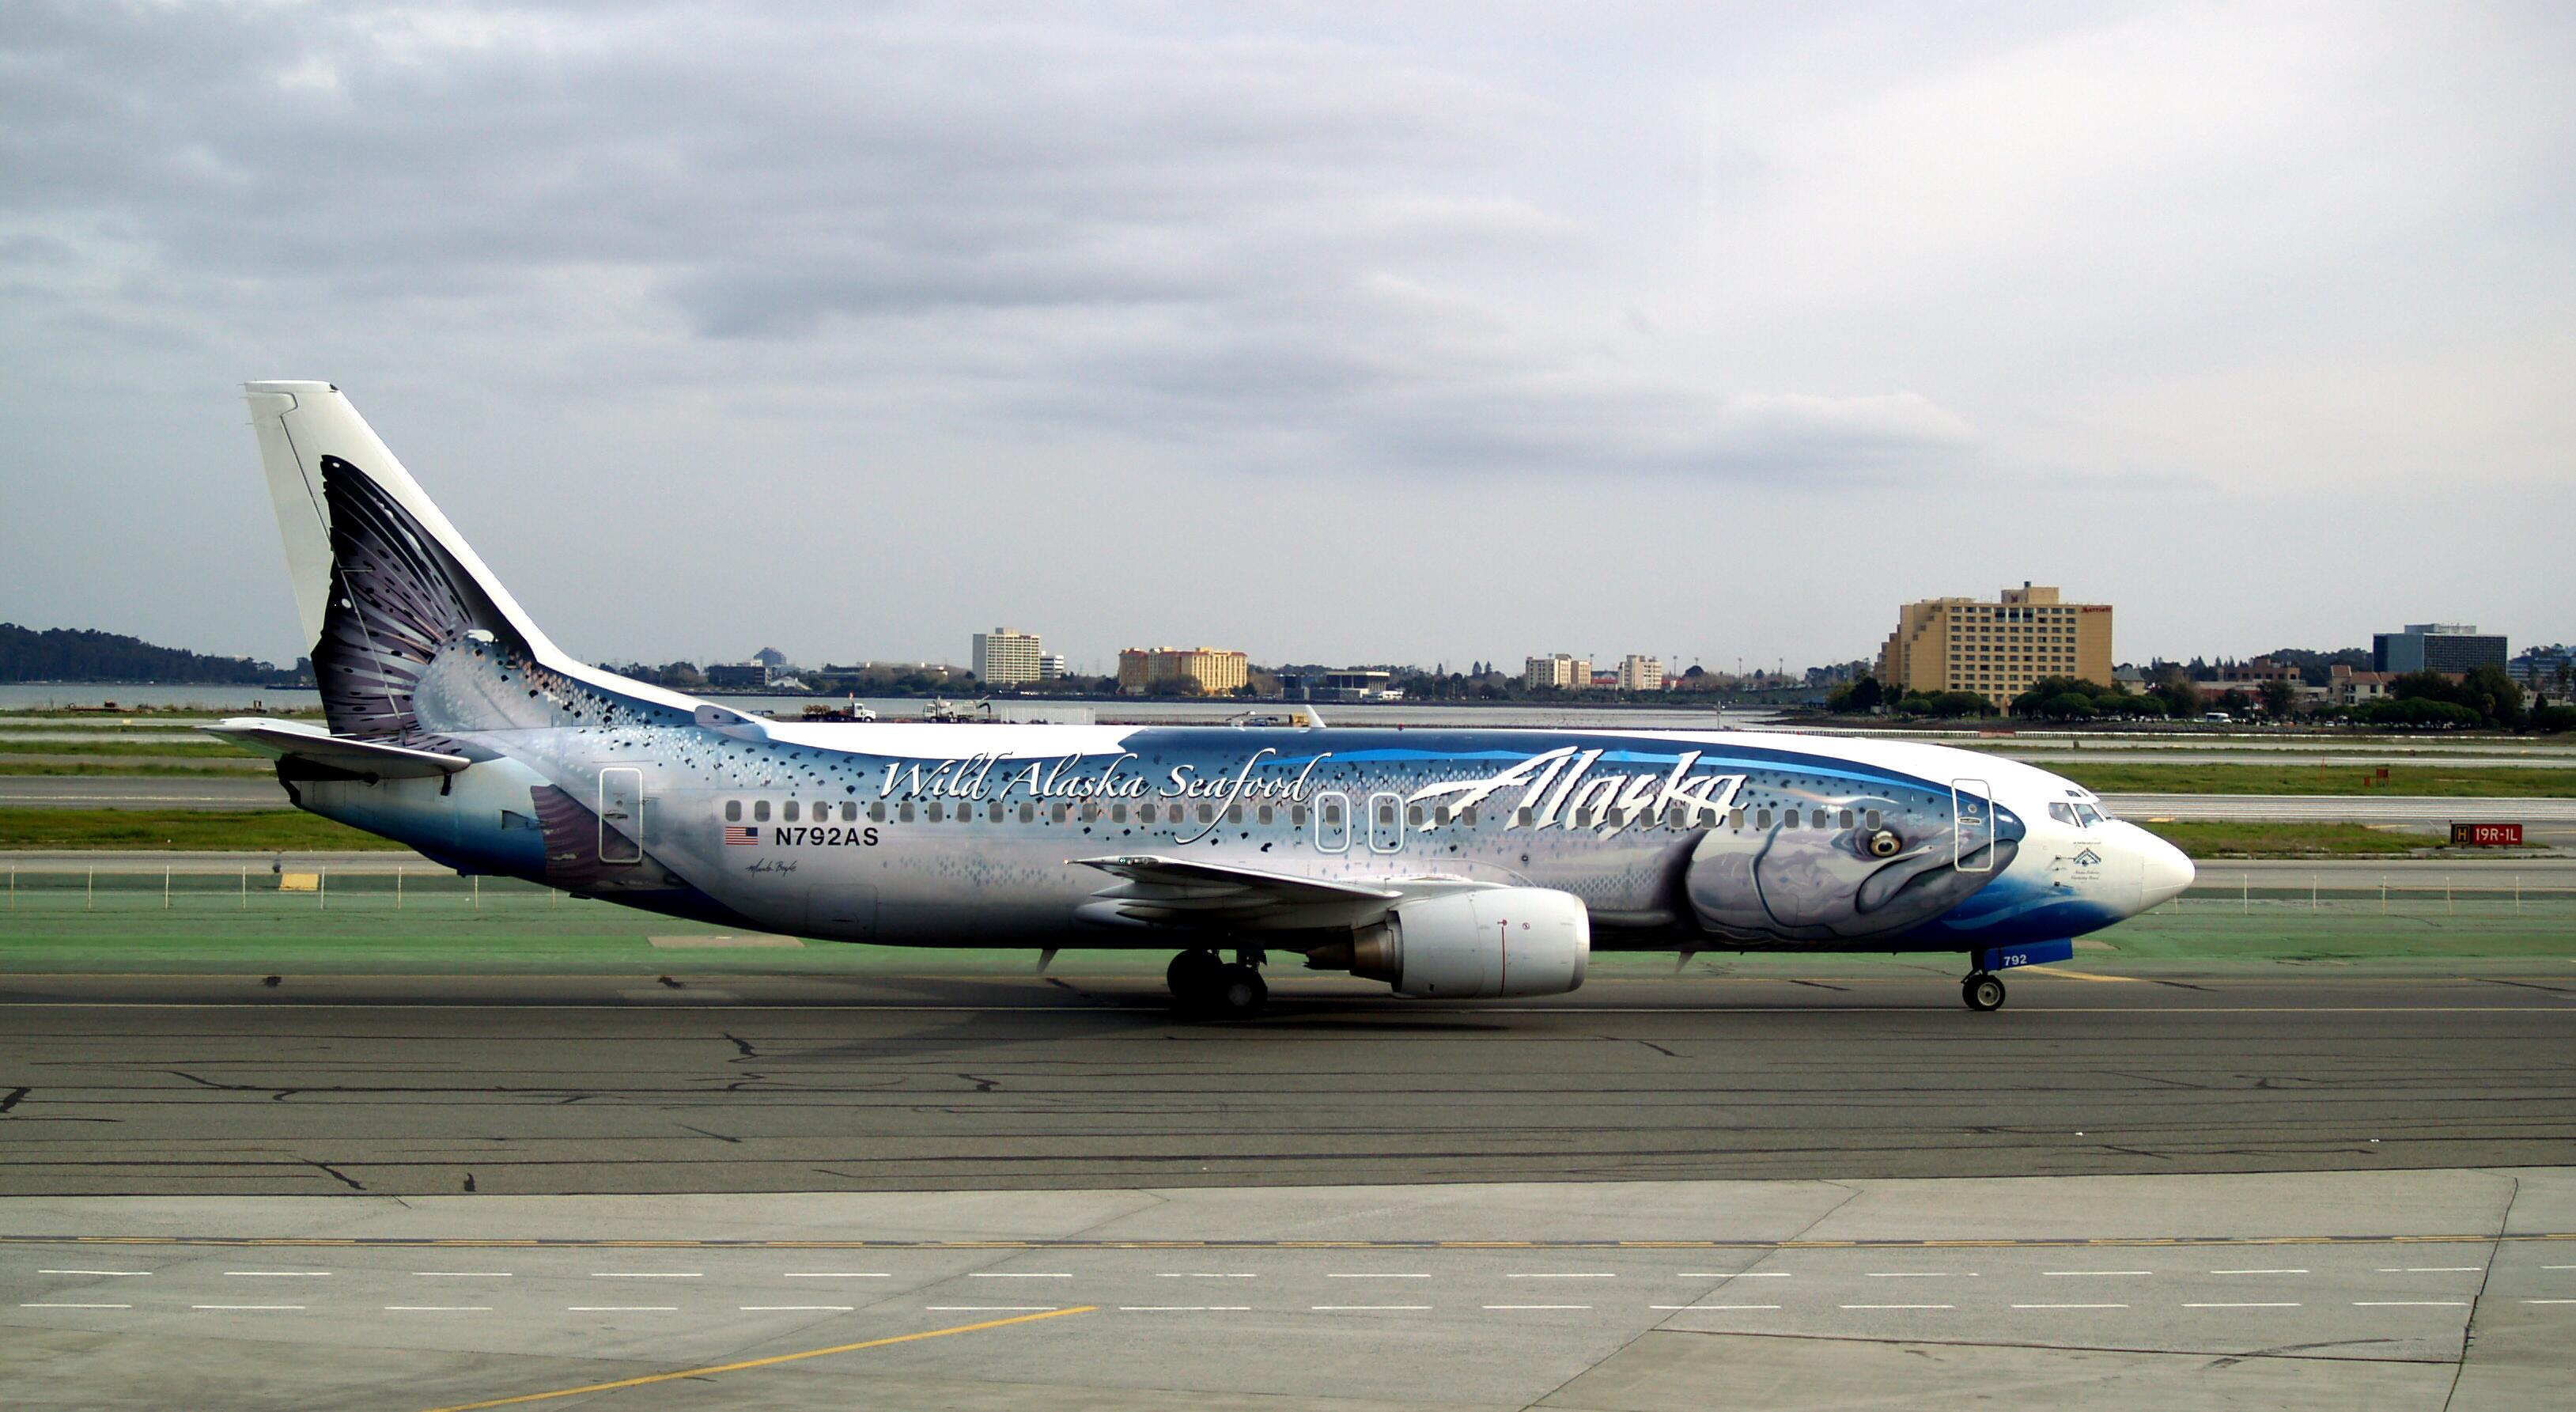 Alaska_Airlines Salmon - Boeing_737-490_N792AS